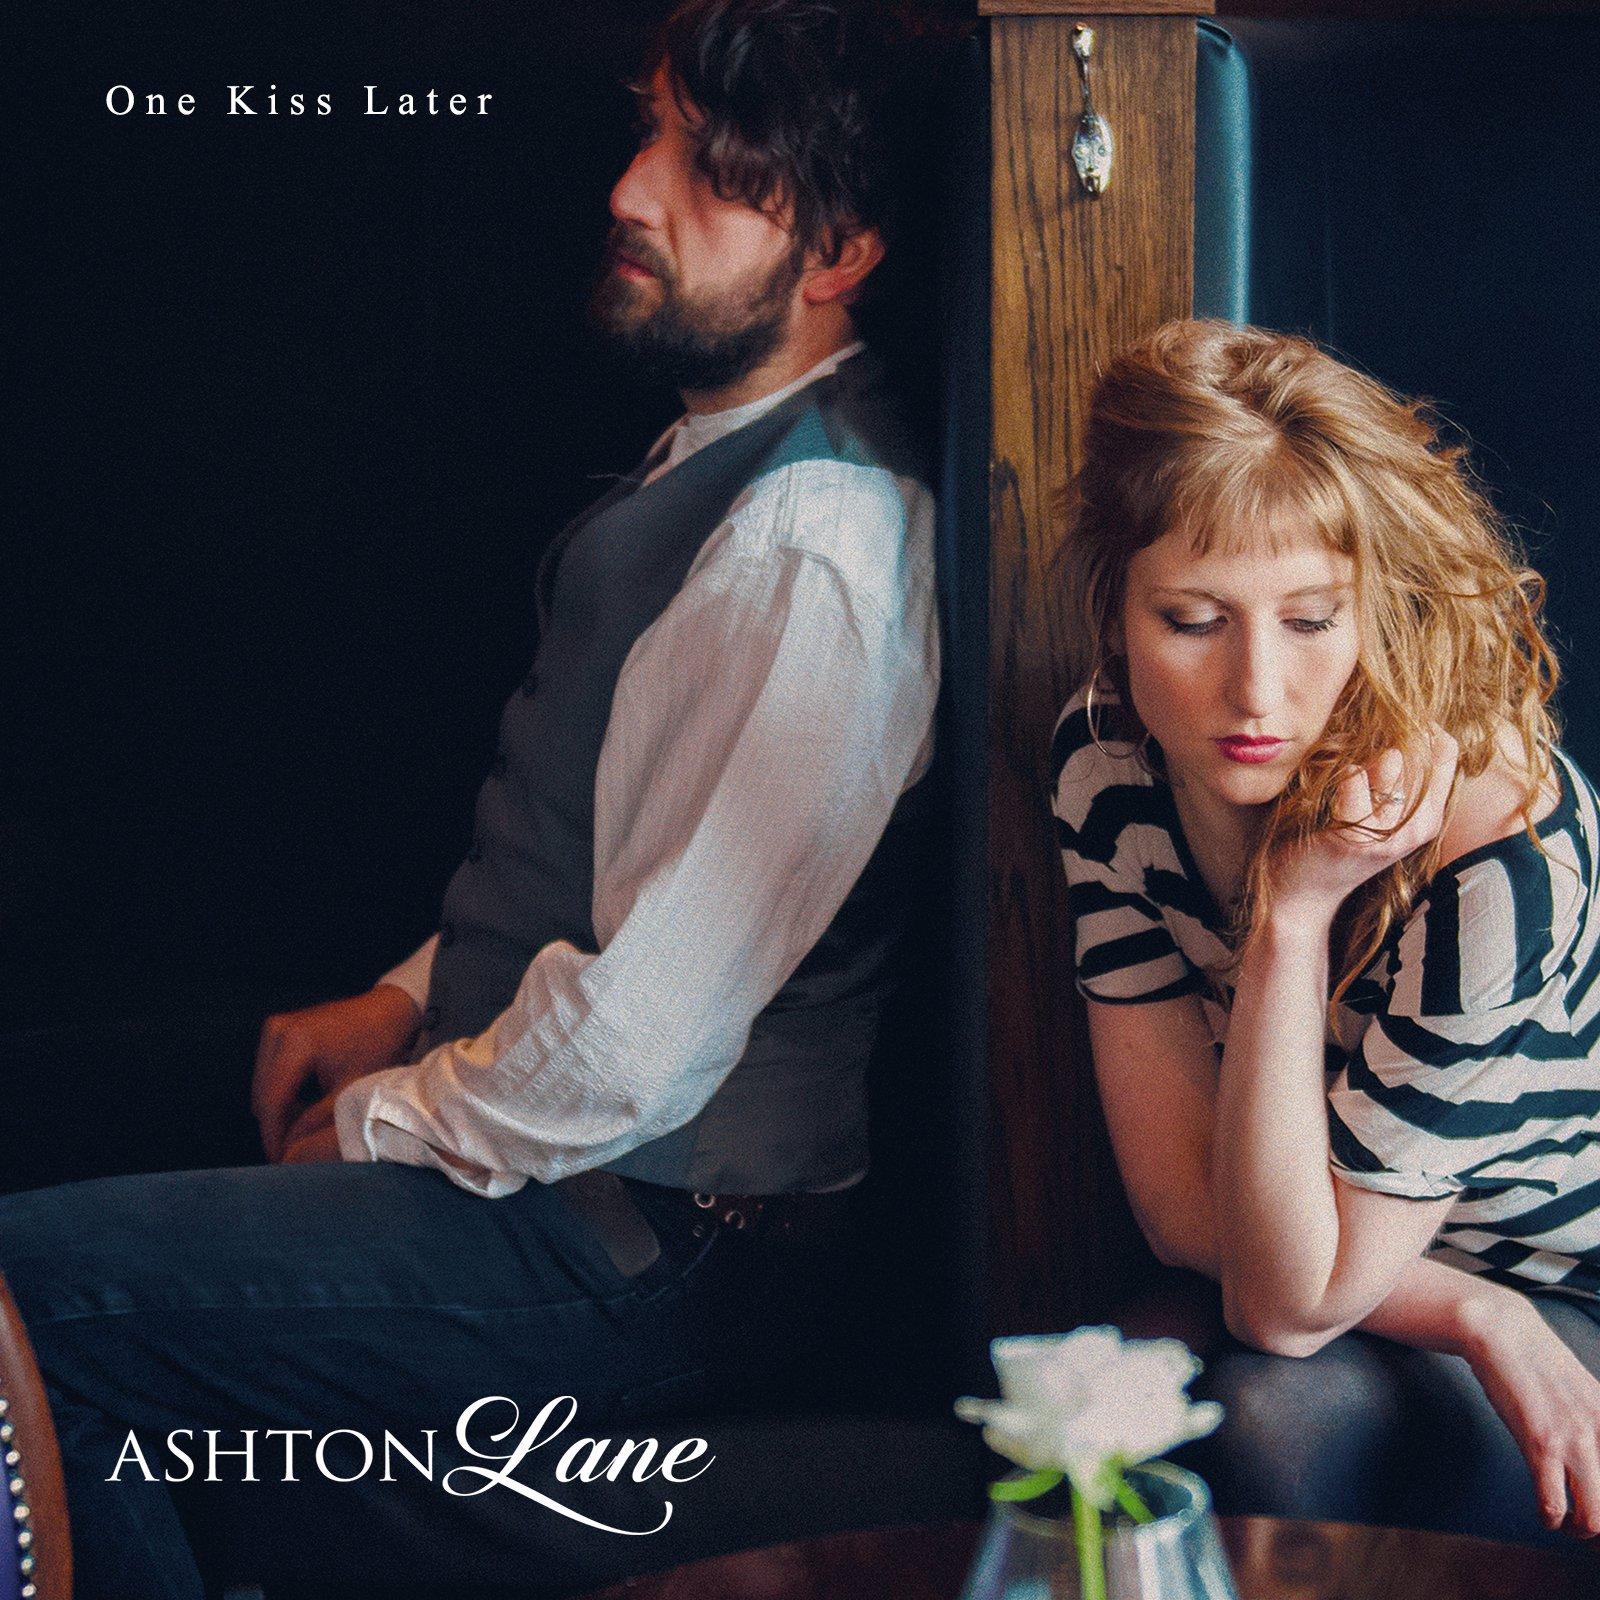 [Free MP3s] Ashton Lane - One Kiss Later (Album) + drei Bonus Songs